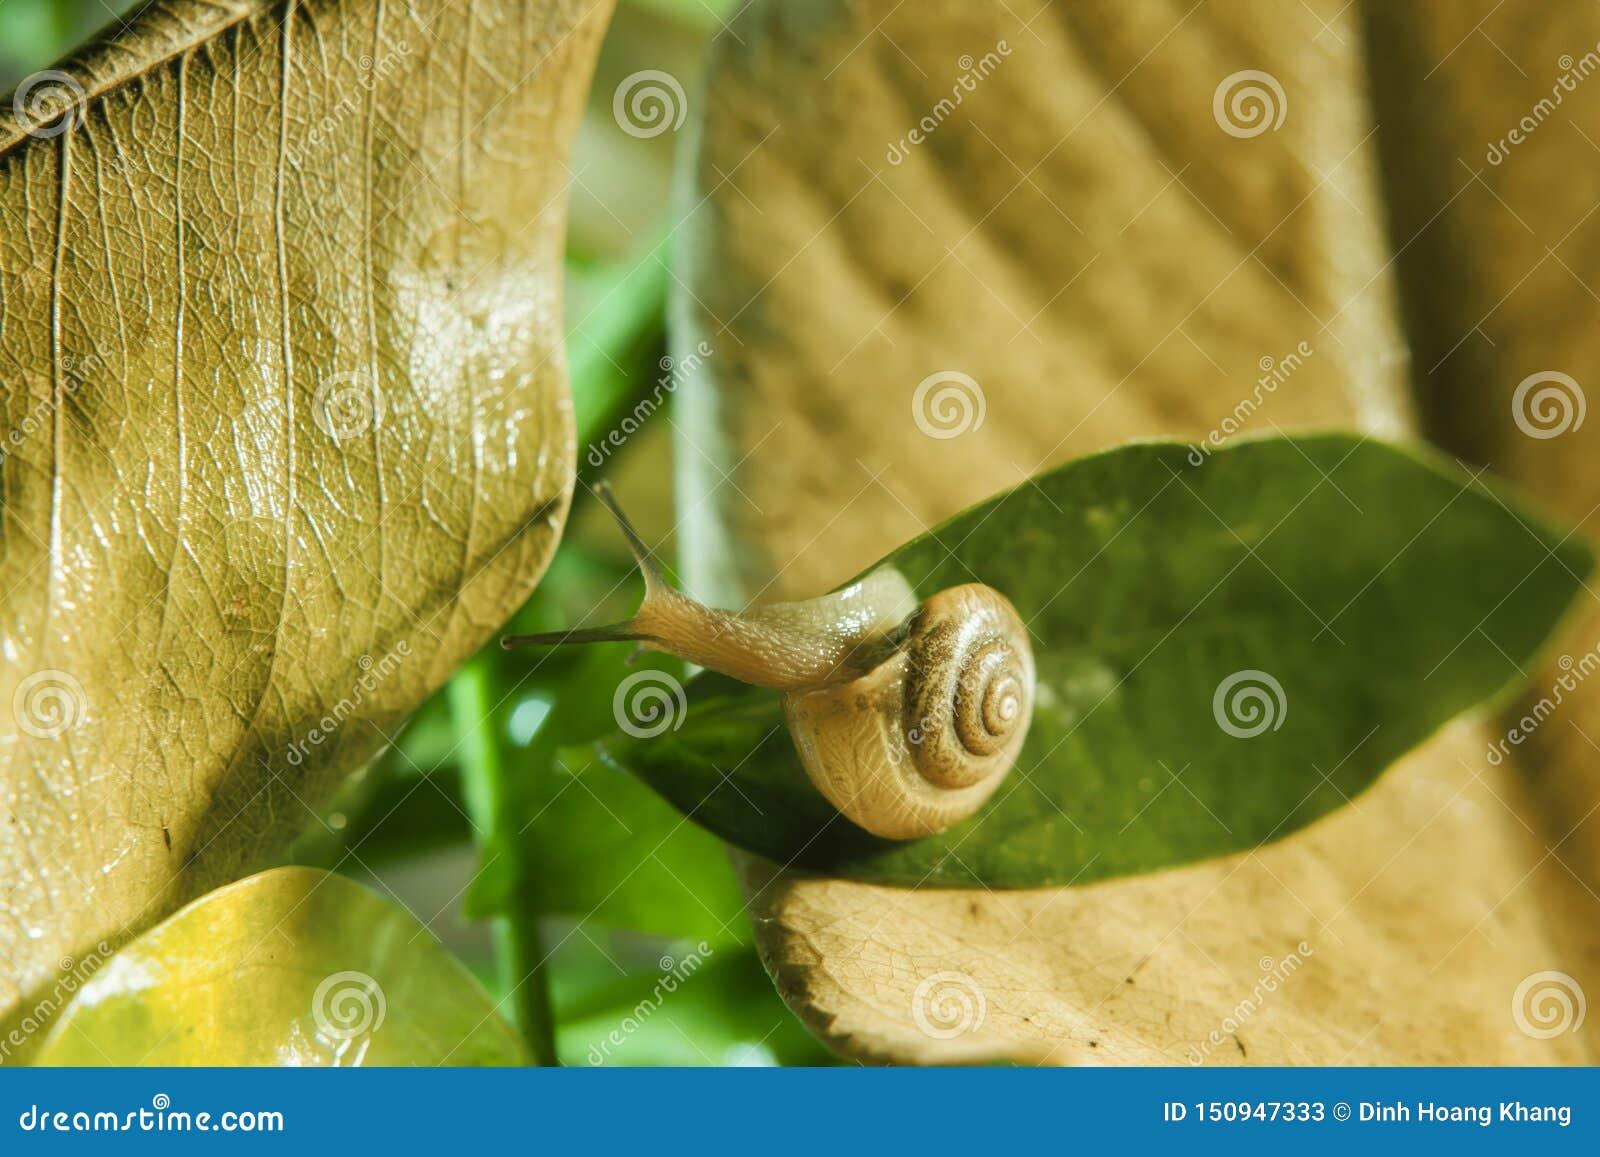 El caracol se está arrastrando en la hoja